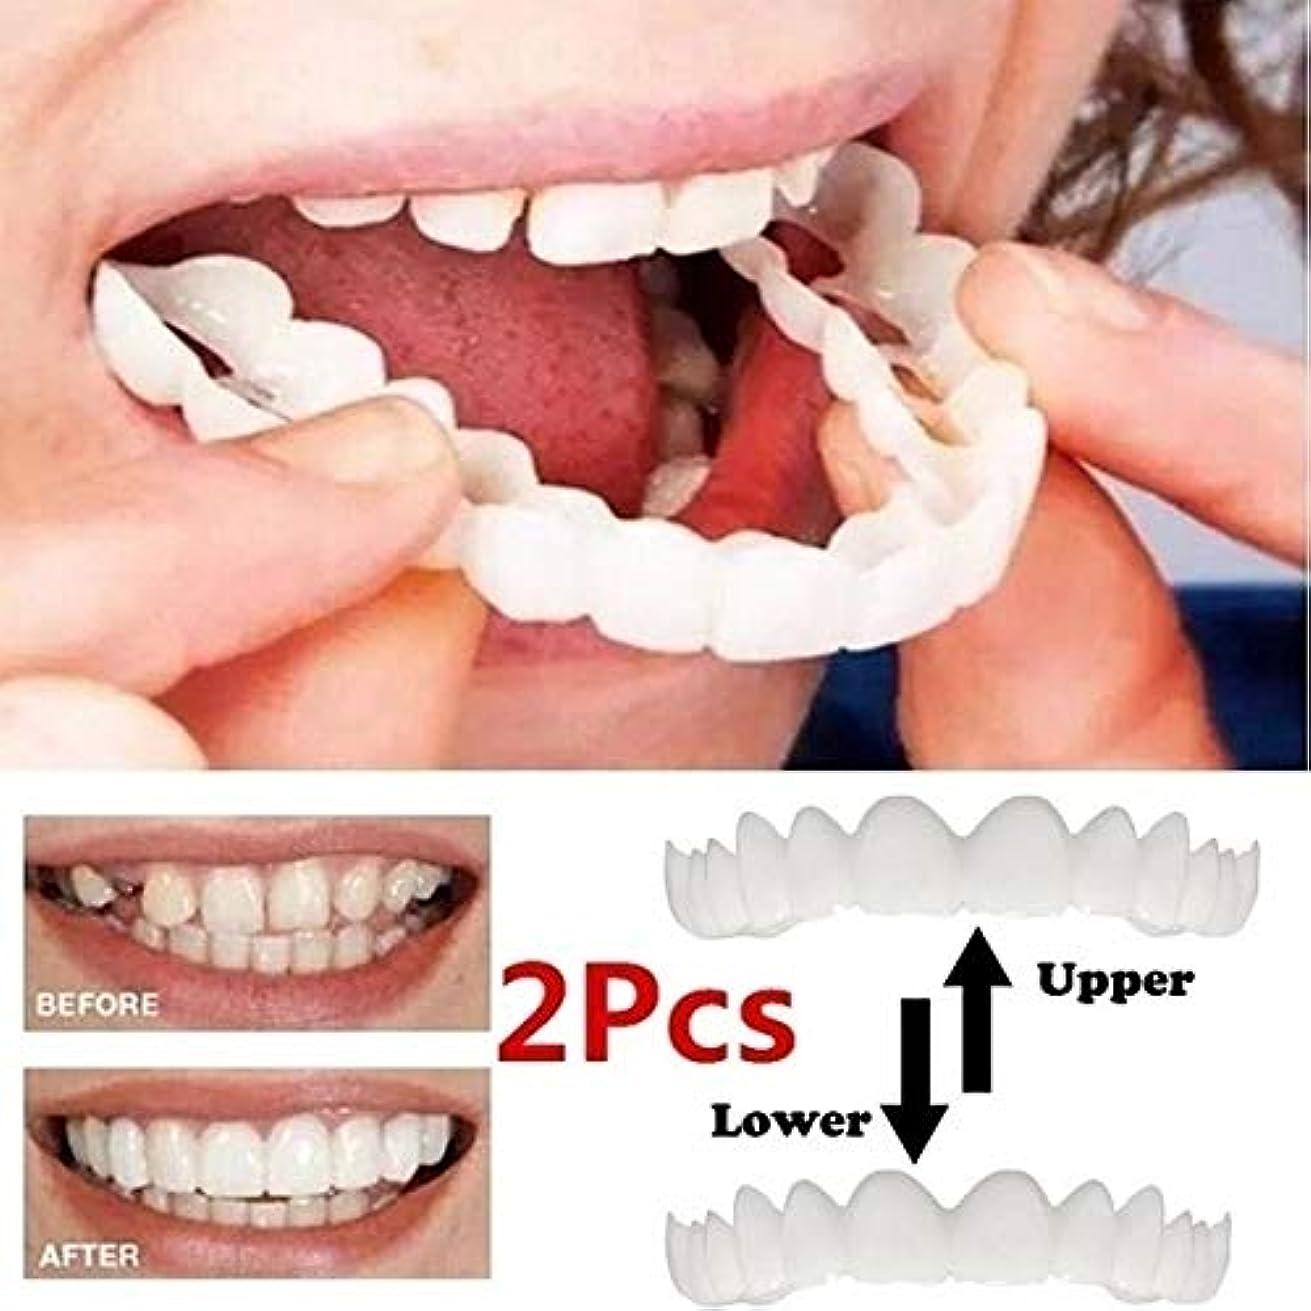 異議ブレーキオプション2本の一時的な笑顔の快適さフィット化粧品の歯義歯のベニヤ歯の快適さフィットフレックス化粧品の歯の上の歯のベニヤと下のベニヤ - 歯のベニヤ(下+上)